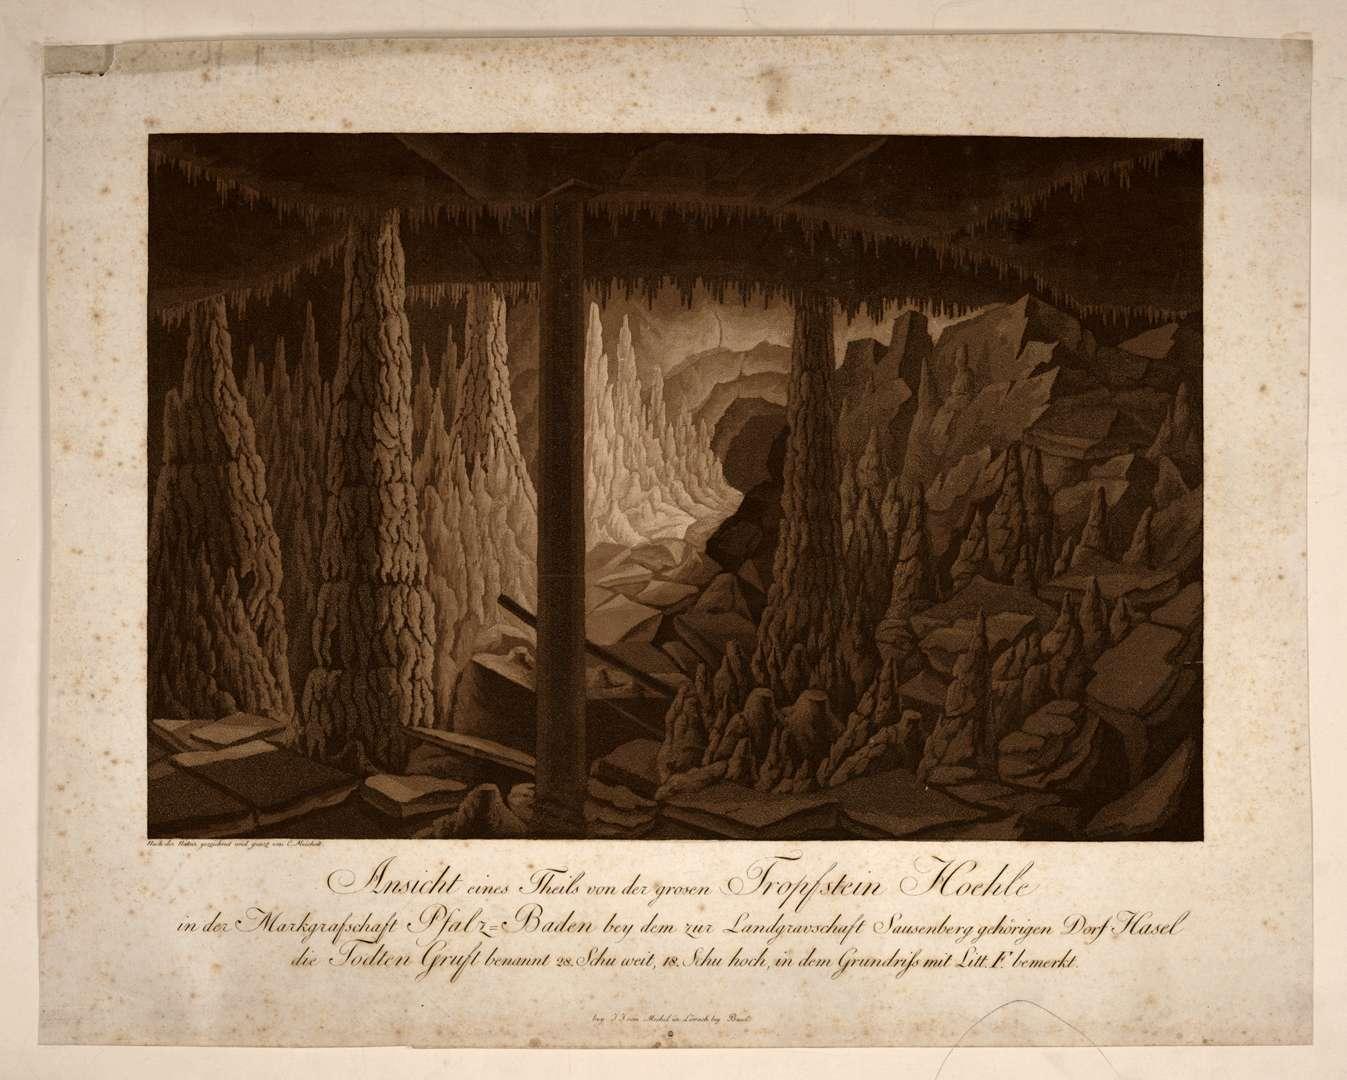 Ansicht eines Theils von der grosen Tropfstein Hoehle in der Markgrafschaft Pfalz-Baden bey dem zur Landgravschaft Sausenberg gehörigen Dorf Hasel die Todten-Gruft benannt, Bild 1